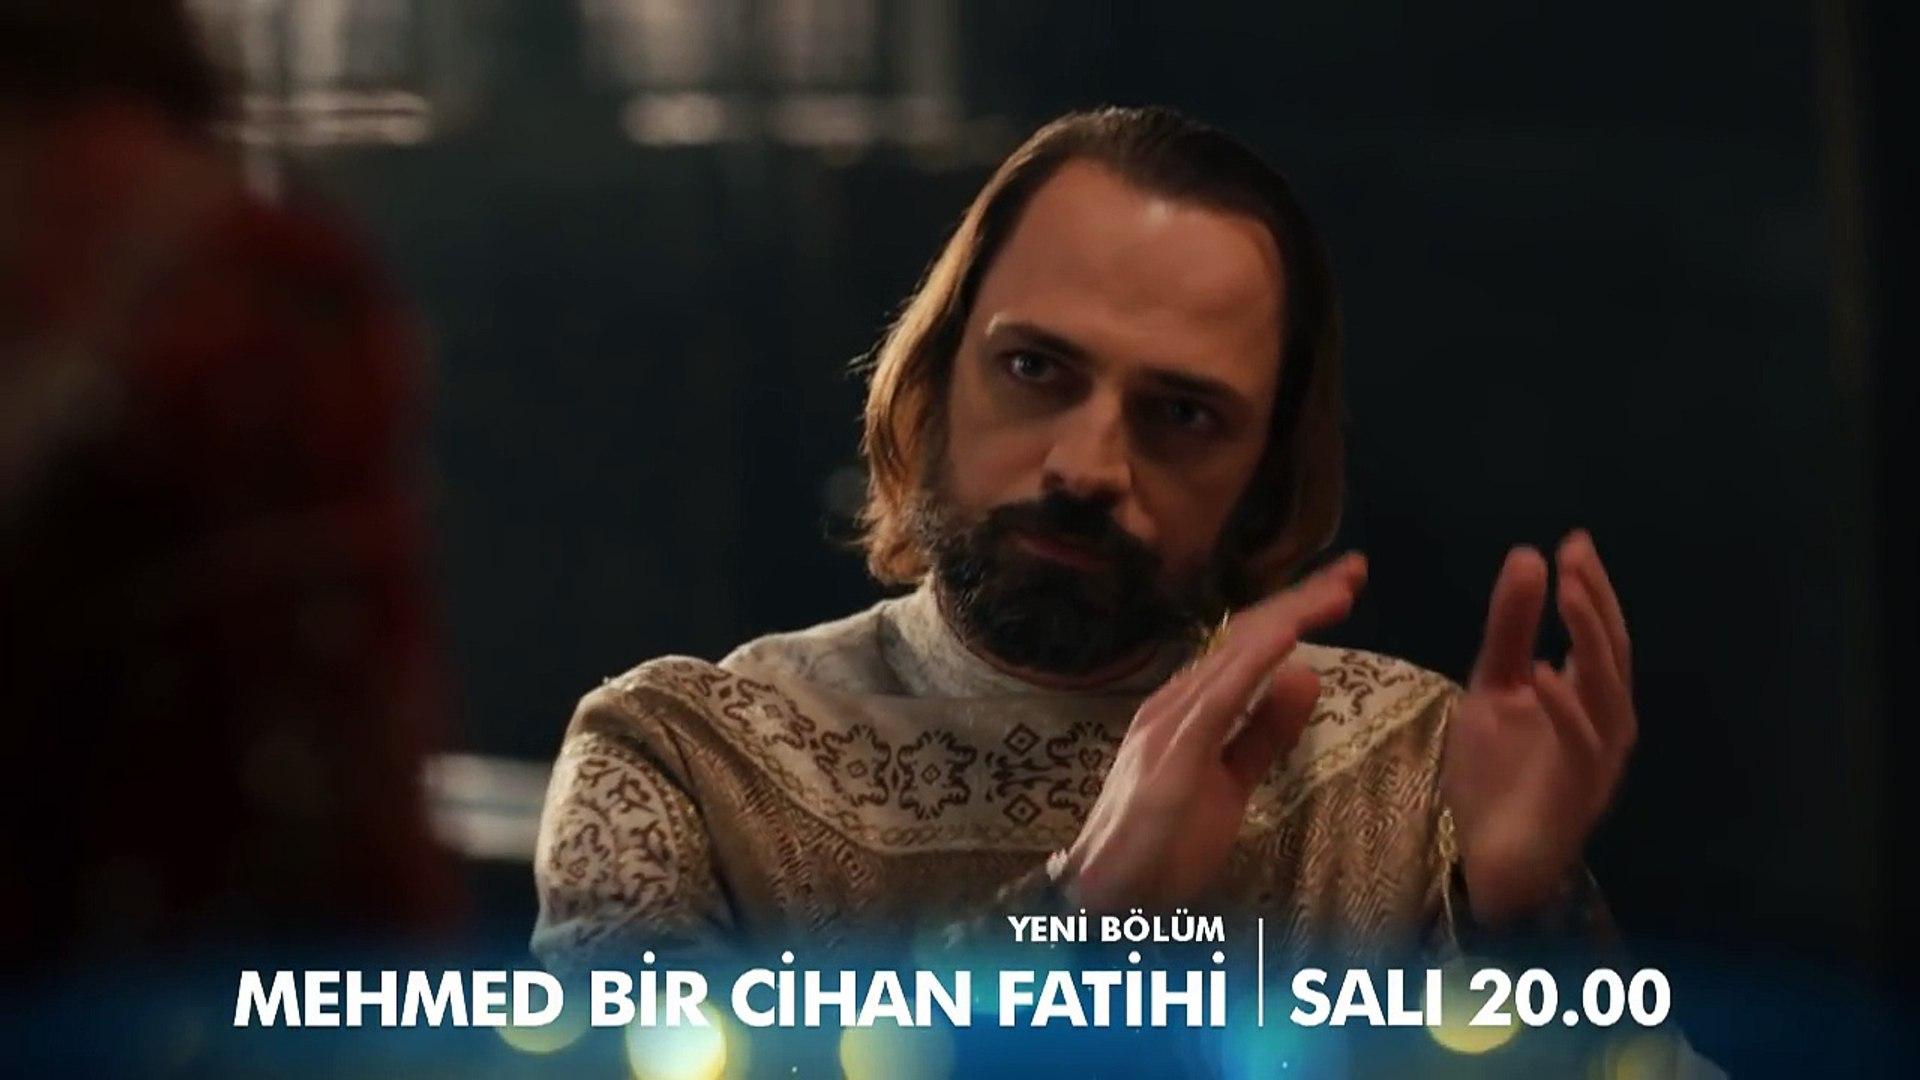 Mehmed Bir Cihan Fatihi 5. Bölüm Sürprizi!